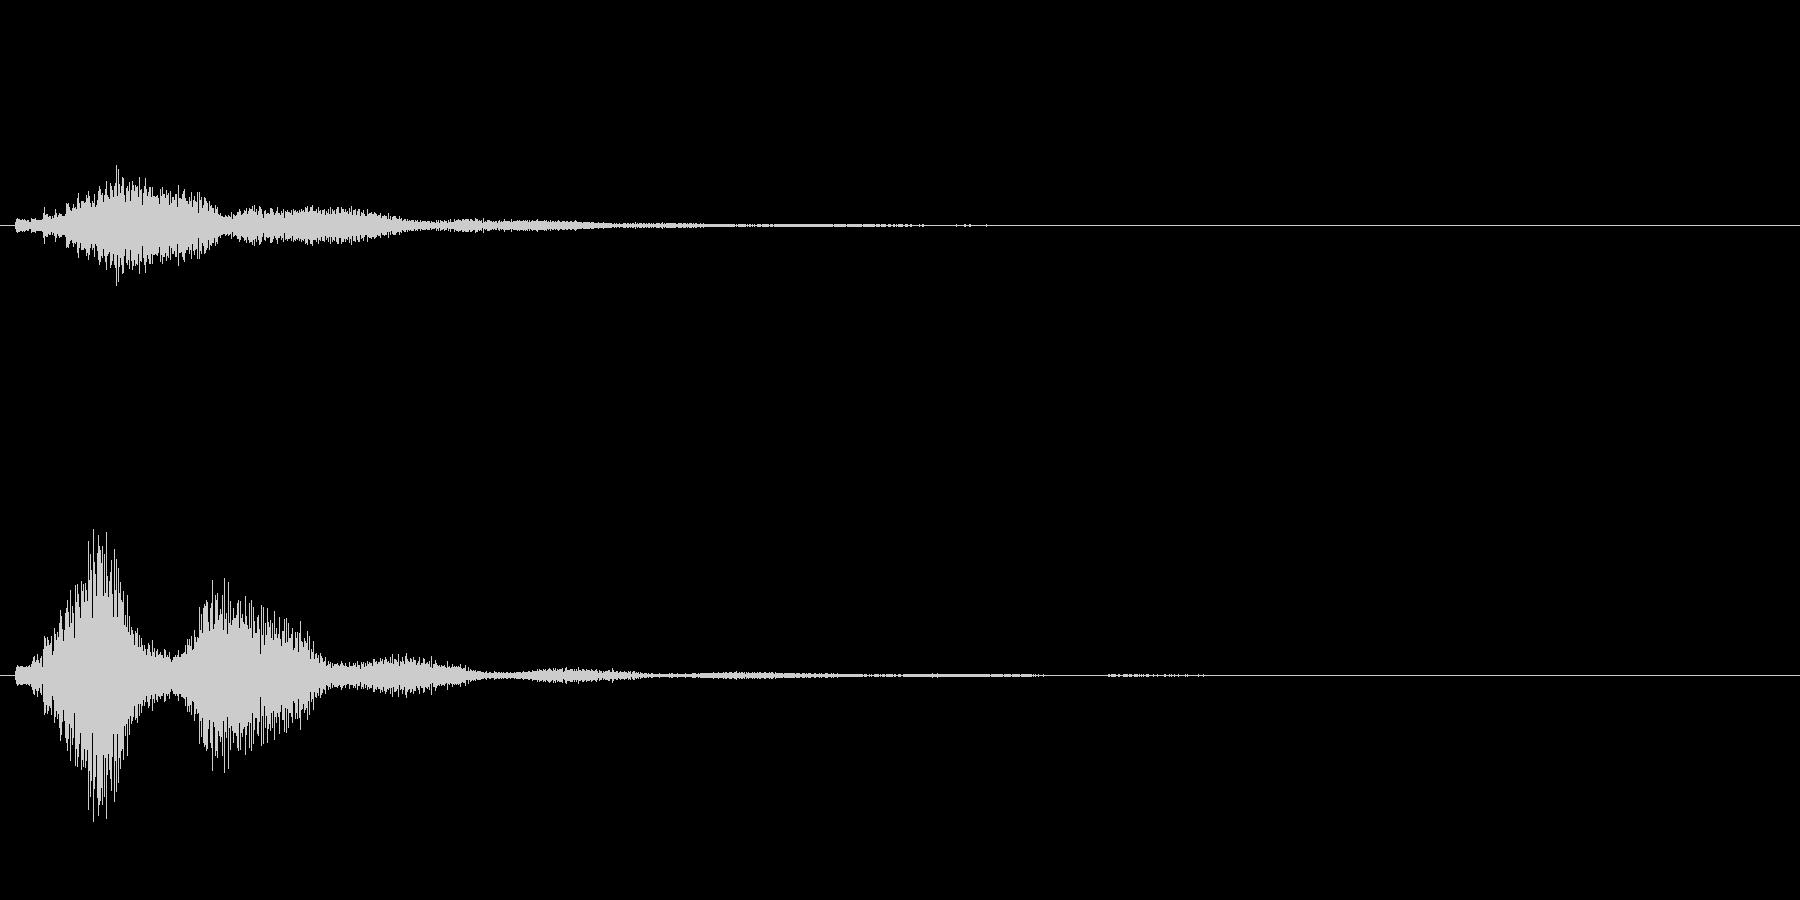 キラキラ系_068の未再生の波形